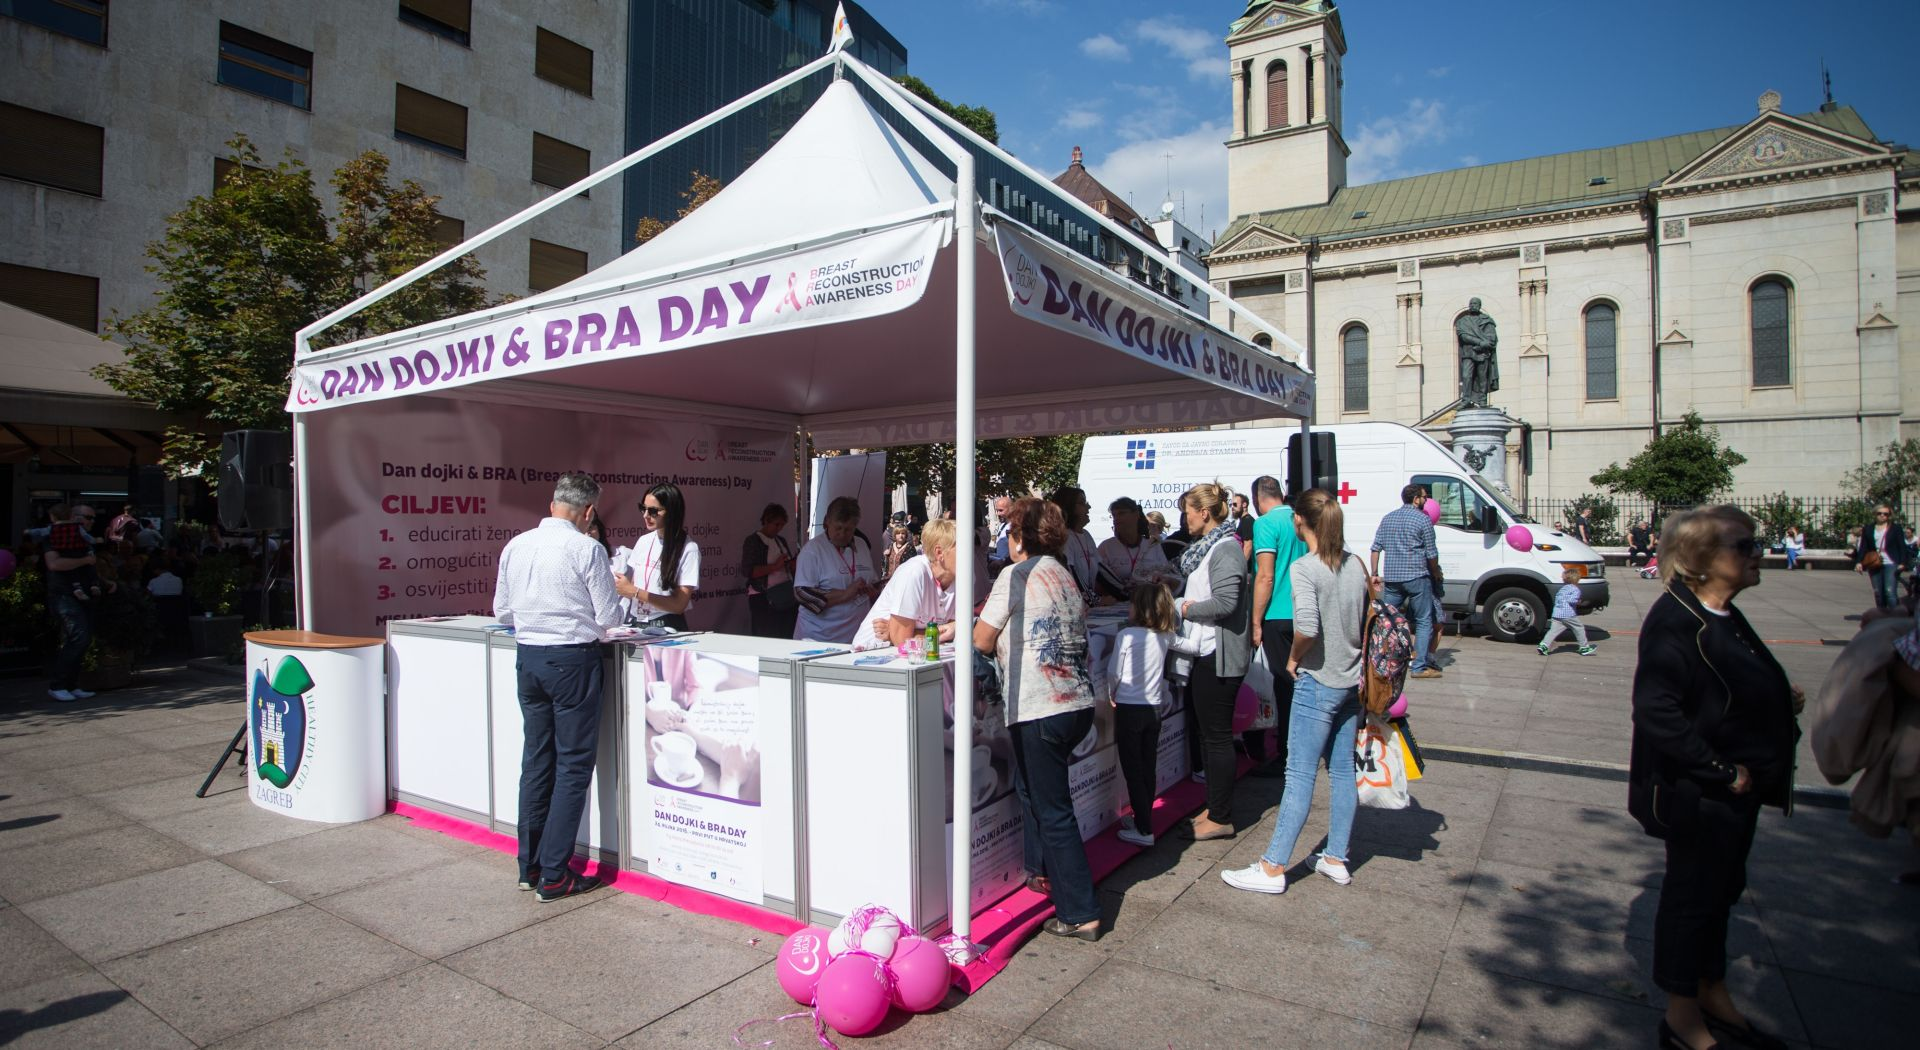 Na Cvjetnom trgu obilježen Dan dojki i BRA day